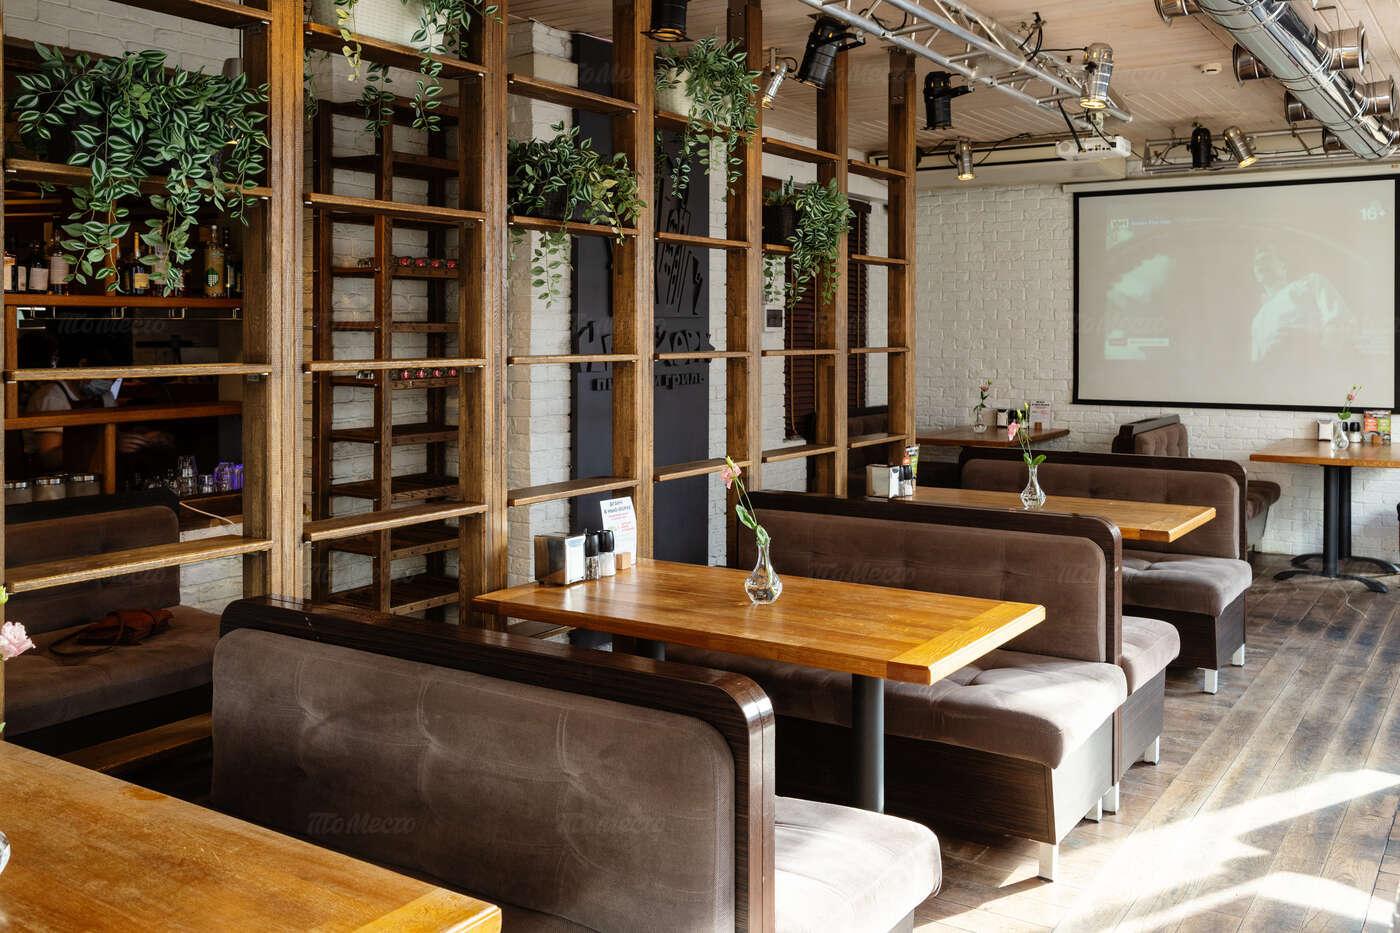 Банкеты ресторана Нью-Йорк пицца и гриль на Суворовской улице фото 8